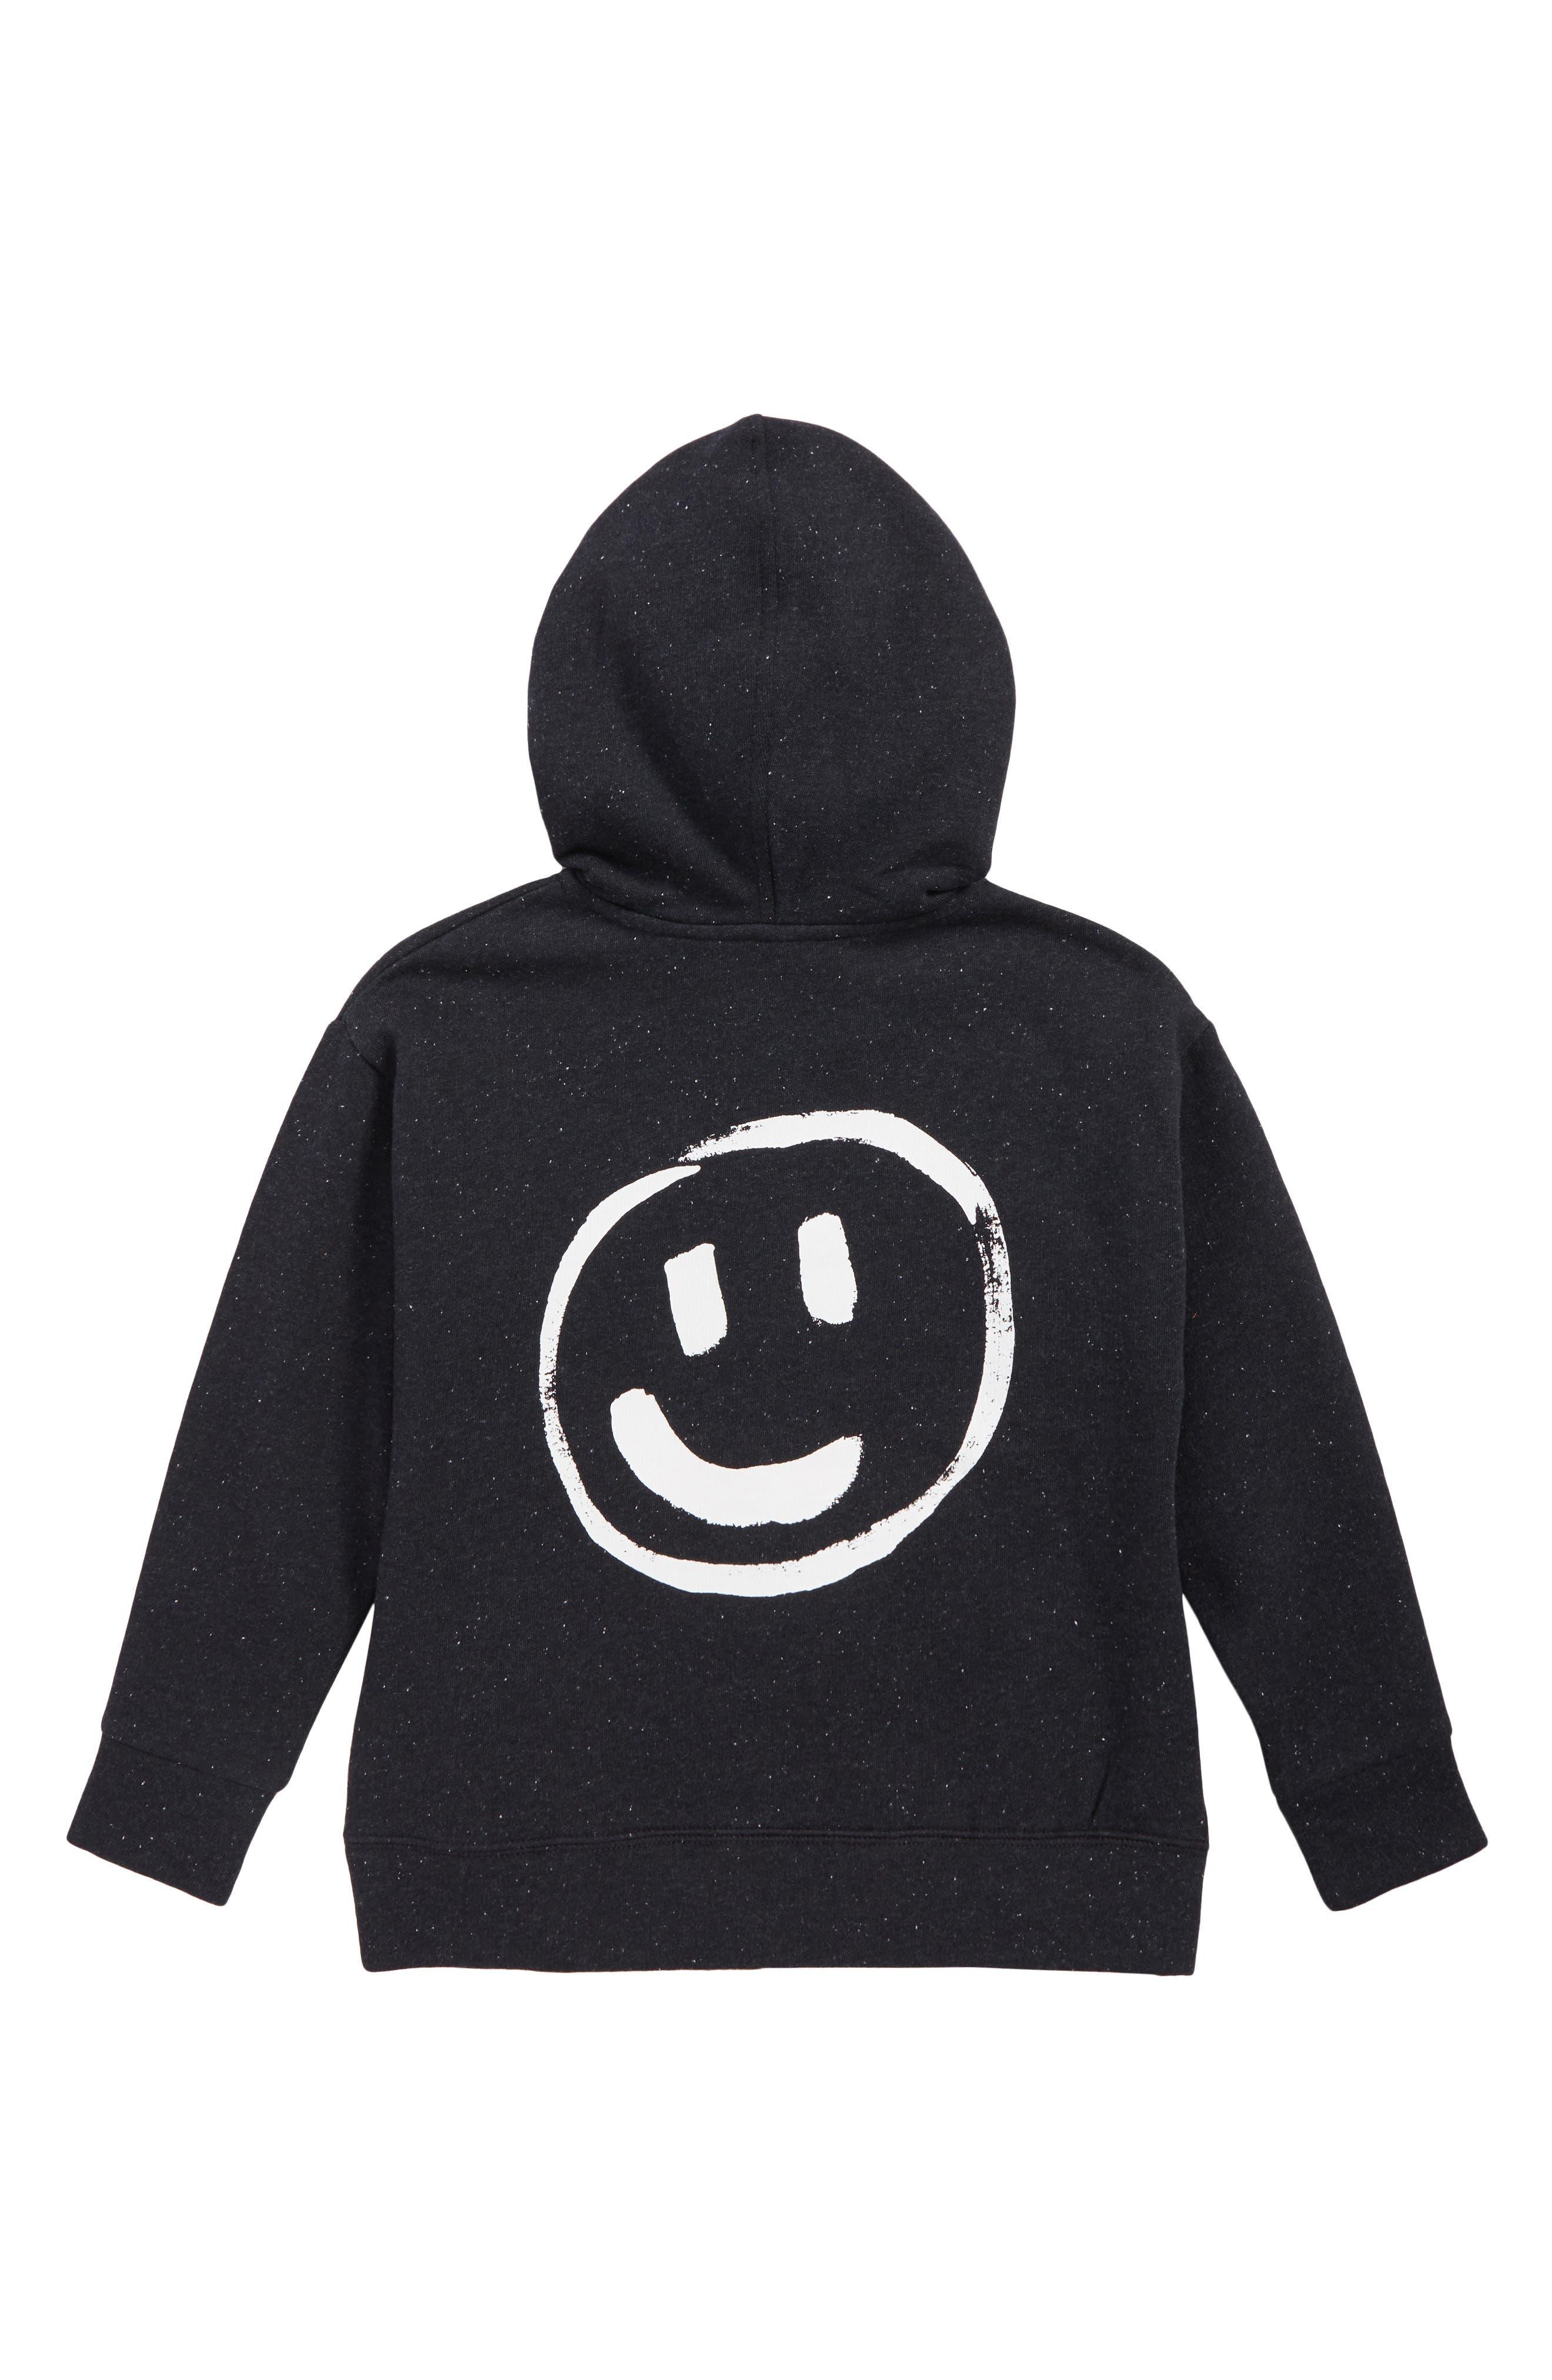 Smile Hoodie Jacket,                             Alternate thumbnail 2, color,                             NAVY DARK PAINTED SMILEY